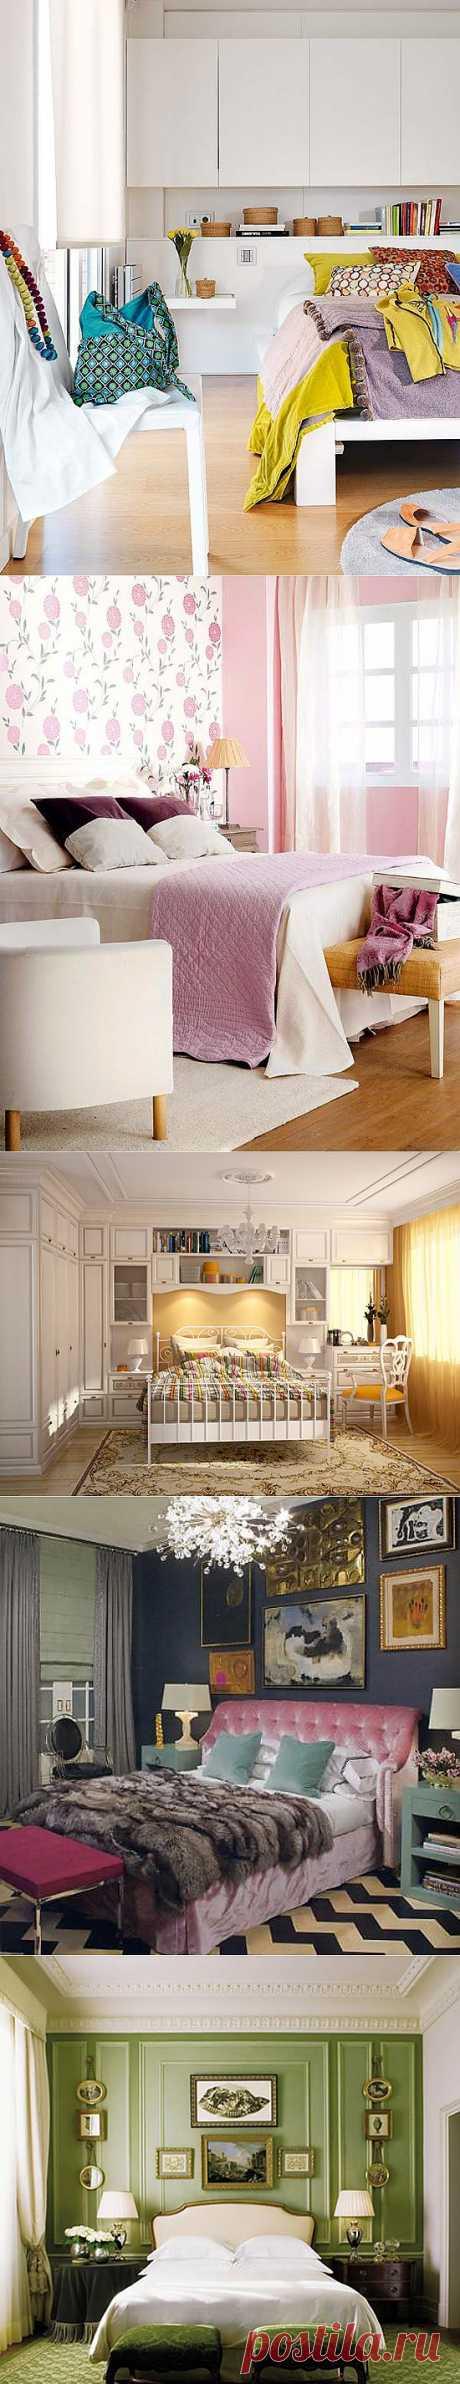 Идеи для маленькой спальни | УЮТНЫЙ ДОМ | советы